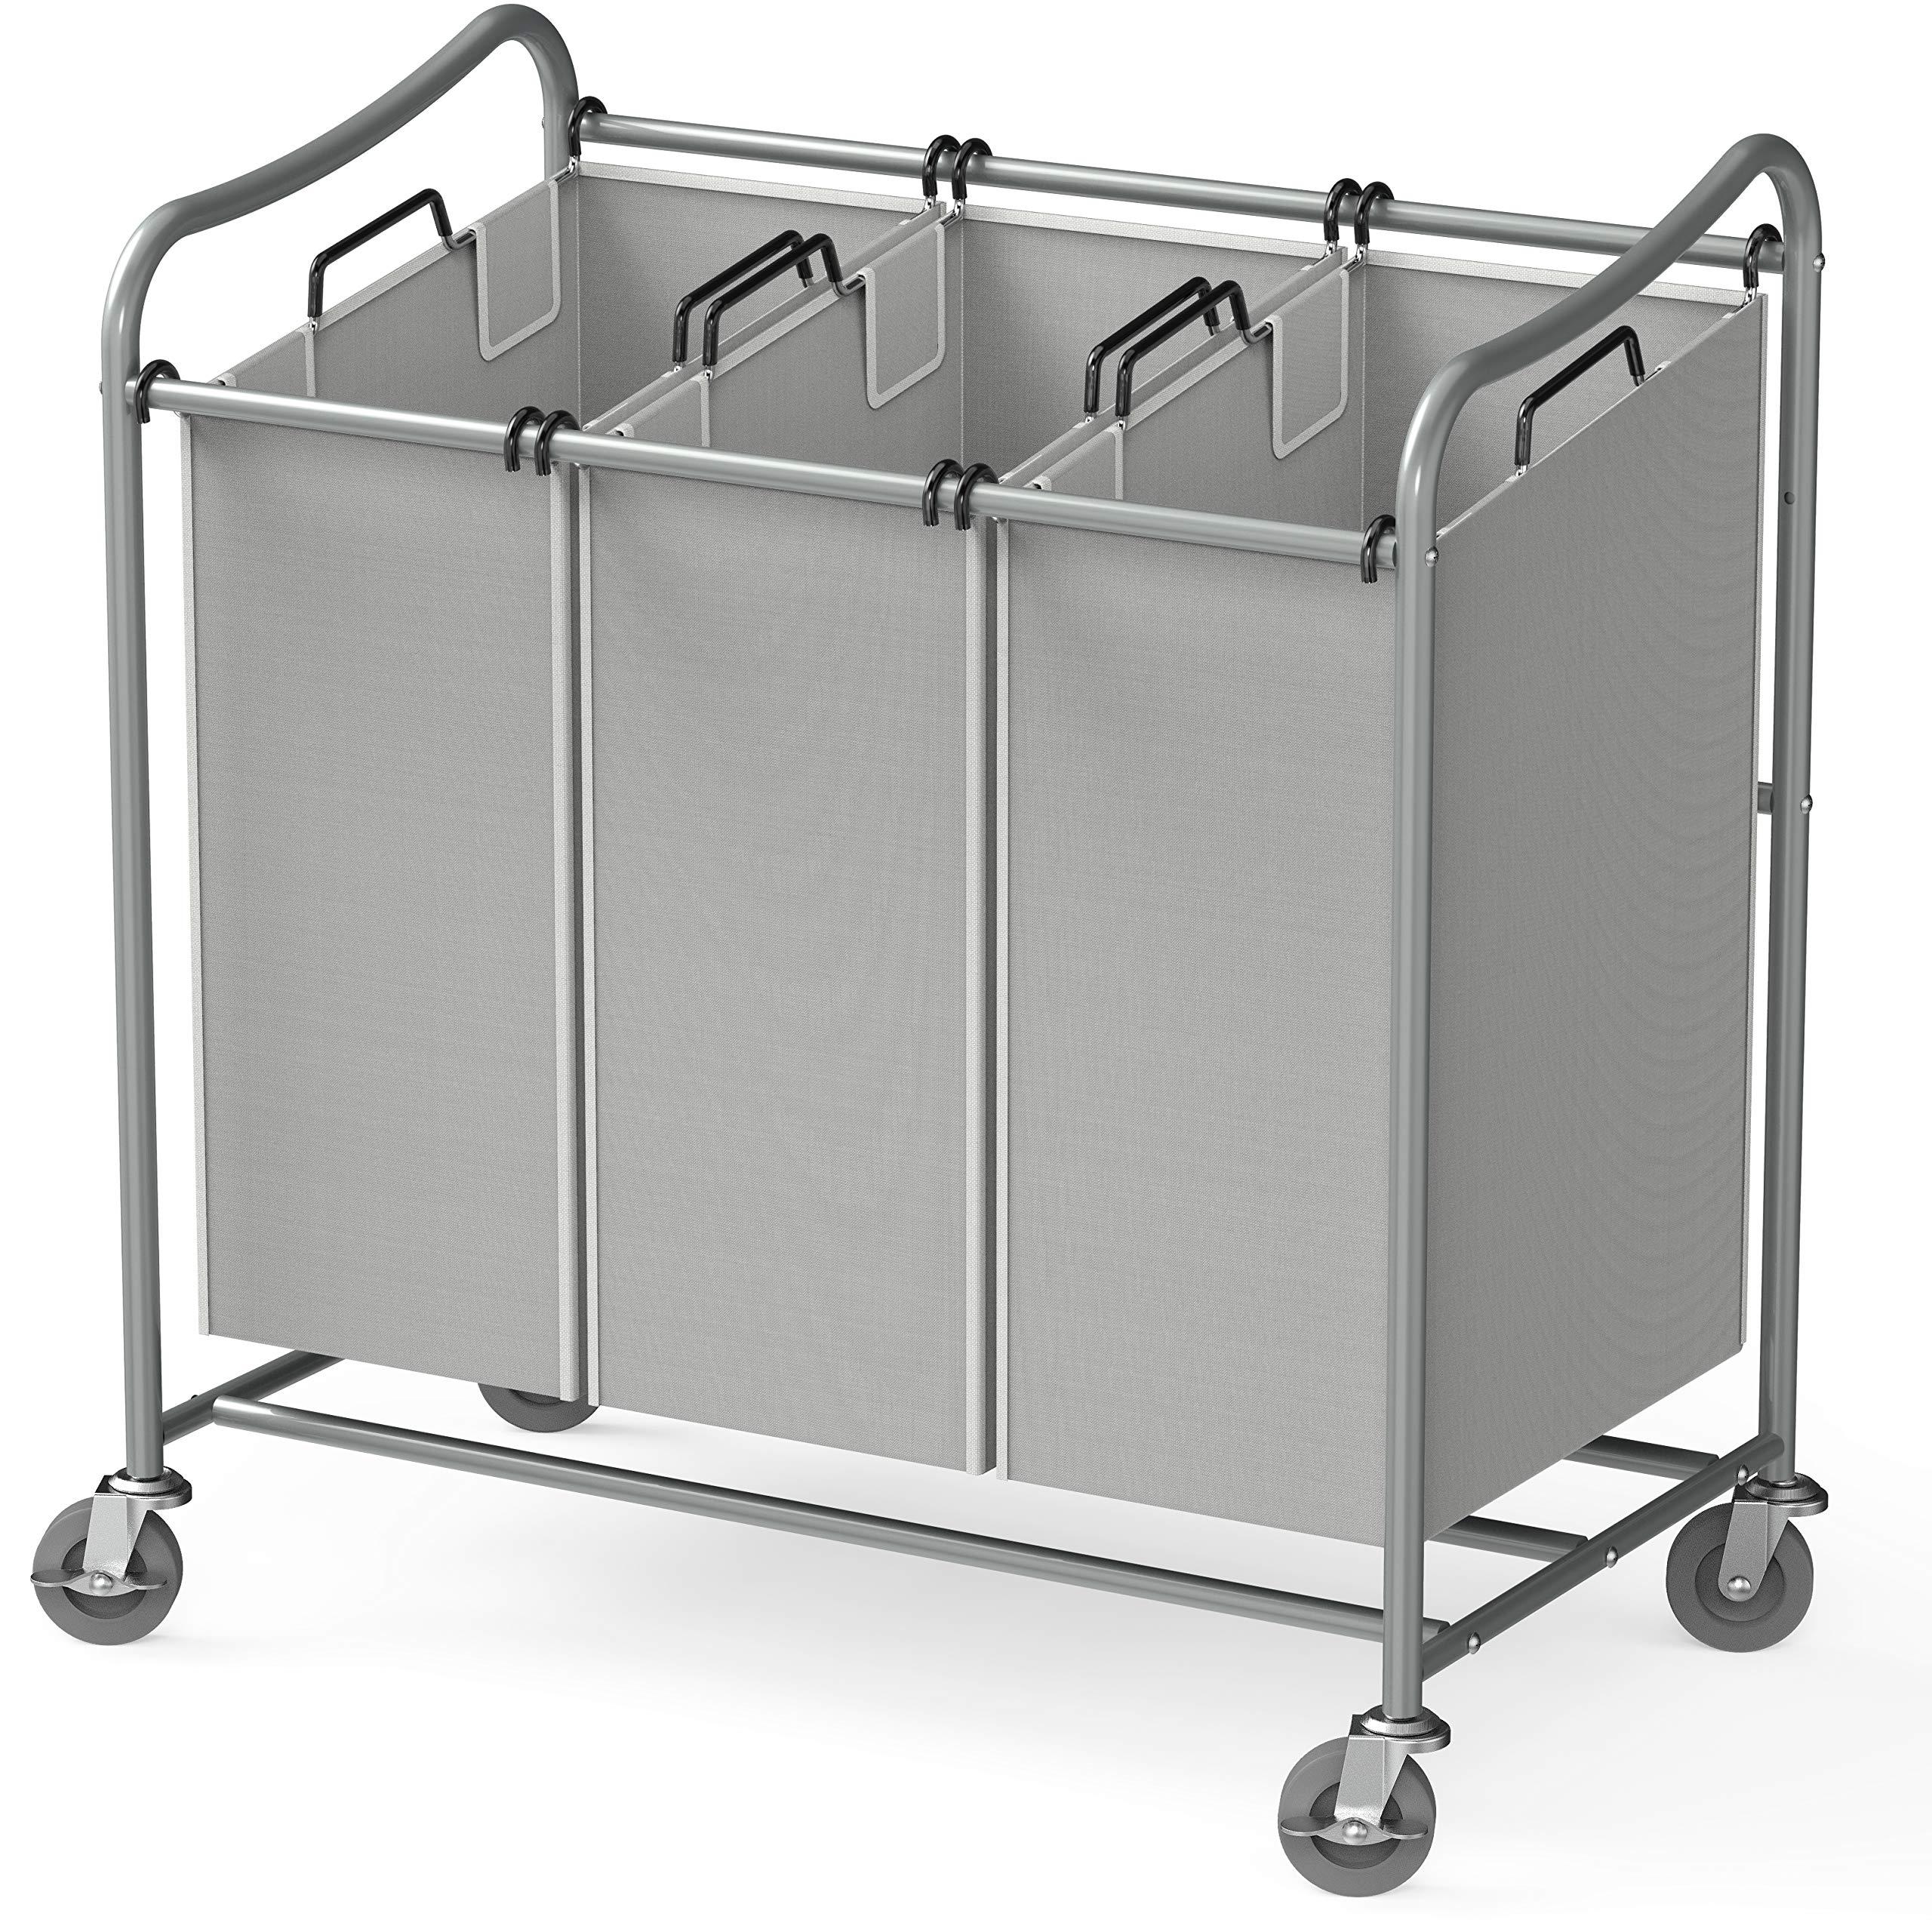 Simple Houseware Heavy Duty Laundry Sorter